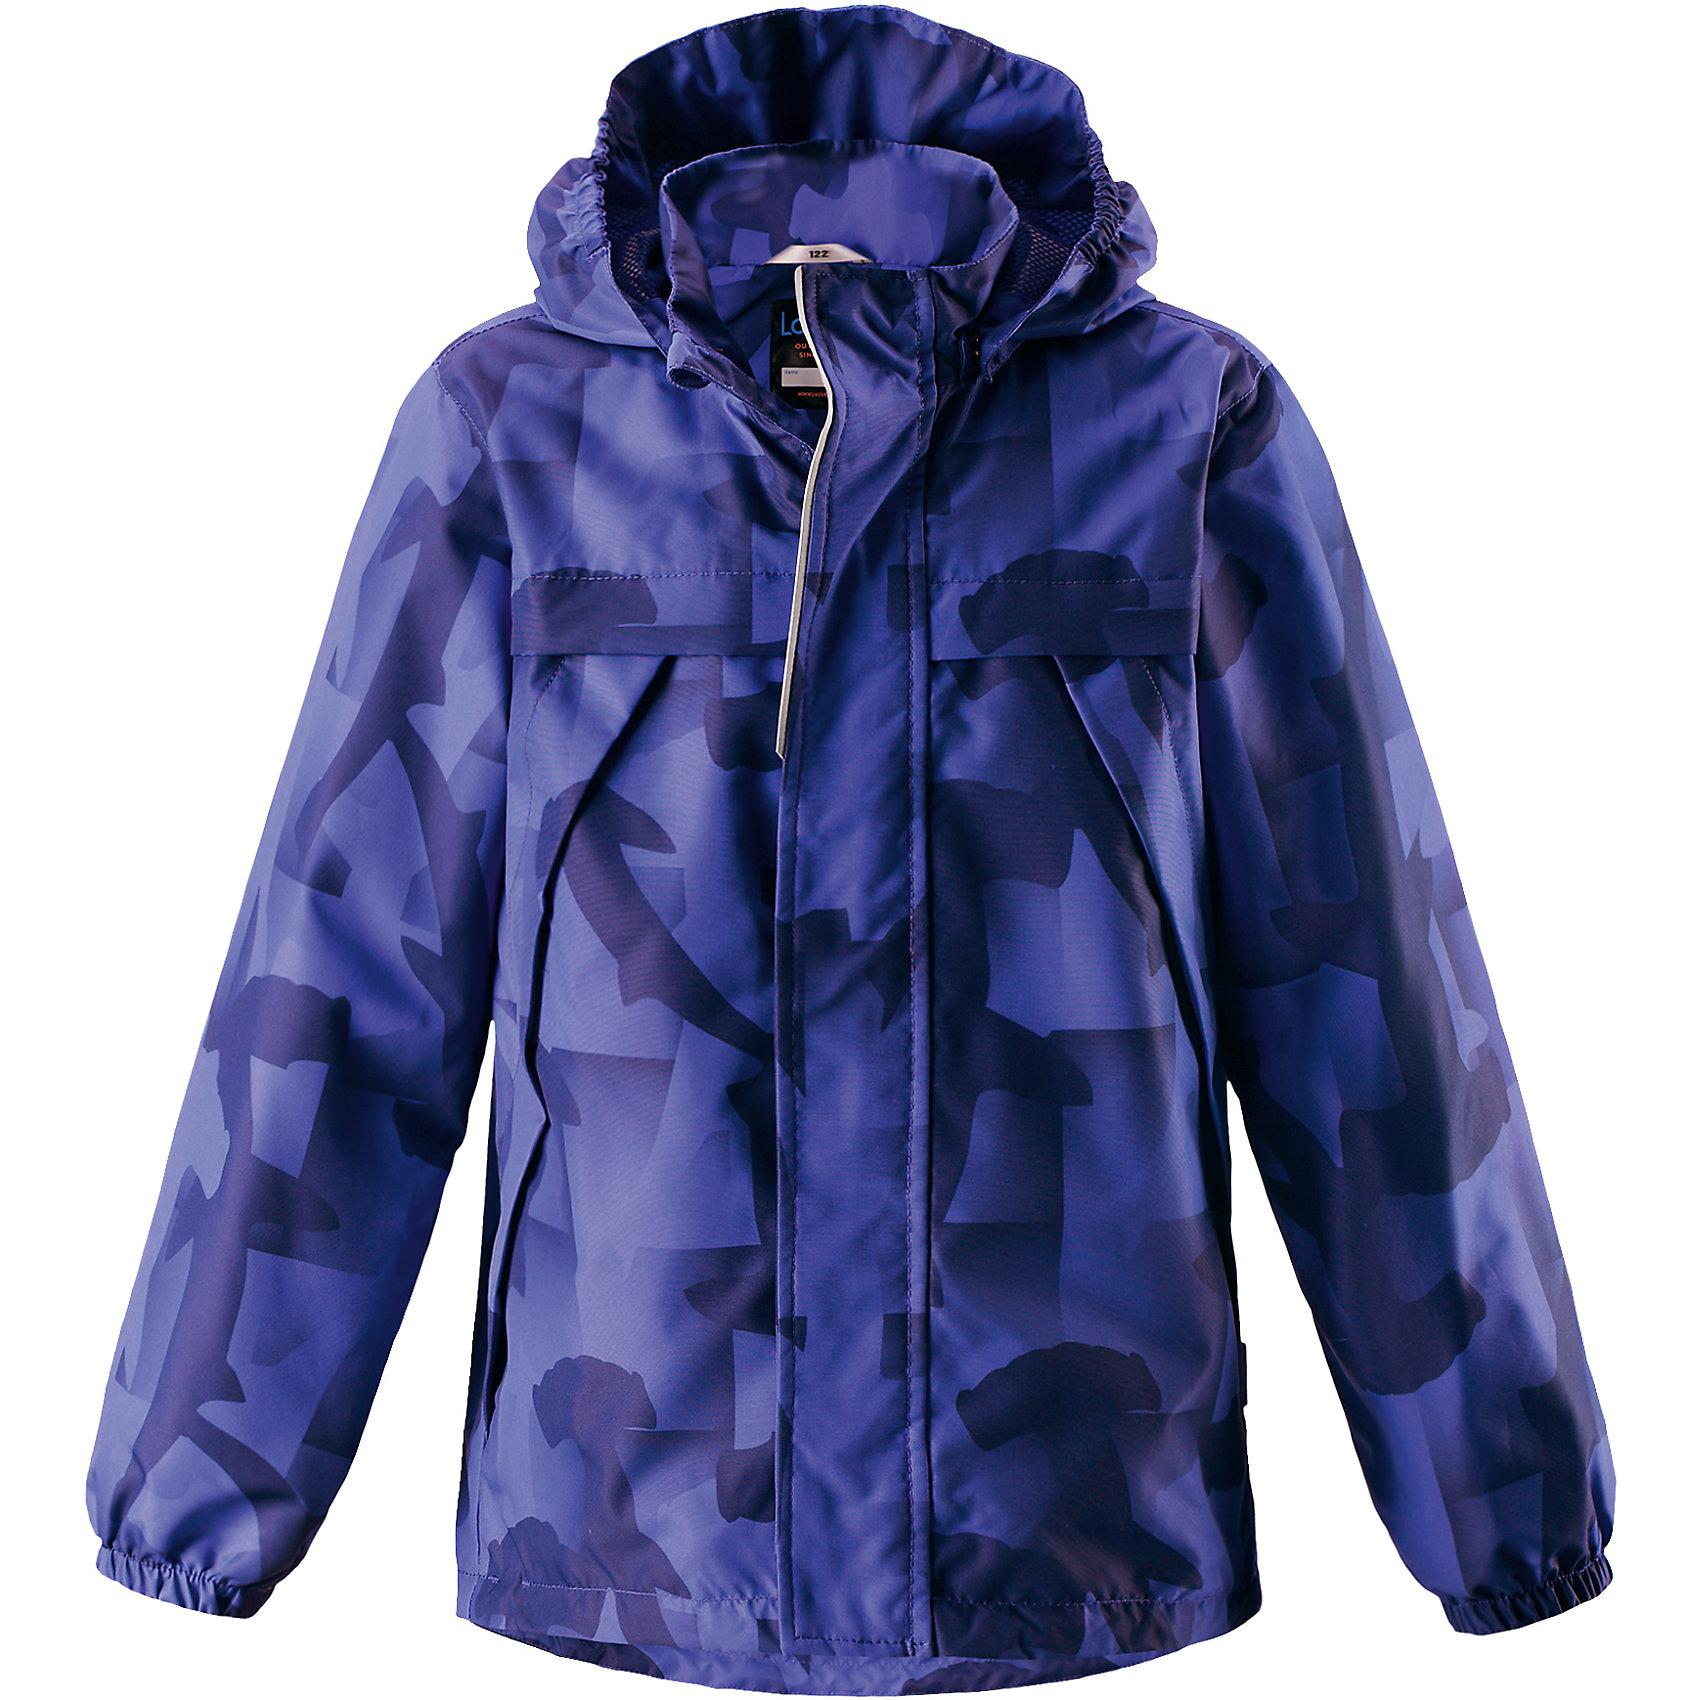 Куртка для мальчика LASSIEОдежда<br>Характеристики товара:<br><br>• цвет: синий<br>• температурный режим: от +10°до 0°С<br>• состав: 100% полиэстер, мембрана 100% полиуретан.<br>• легкий утеплитель: 80 гр/м2<br>• водонепроницаемость: 1000 мм<br>• сопротивление трению: 20000 циклов (тест Мартиндейла)<br>• водоотталкивающий, ветронепроницаемый и «дышащий» материал<br>• карманы <br>• отстегивающийся капюшон<br>• молния<br>• планка от ветра<br>• эластичные манжеты<br>• комфортная посадка<br>• страна производства: Китай<br>• страна бренда: Финляндия<br>• коллекция: весна-лето 2017<br><br>Демисезонная куртка поможет обеспечить ребенку комфорт и тепло. Она отлично смотрится с различной одеждой и обувью. Изделие удобно сидит и модно выглядит. Материал - водоотталкивающий, ветронепроницаемый и «дышащий». Продуманный крой разрабатывался специально для детей.<br><br>Обувь и одежда от финского бренда LASSIE пользуются популярностью во многих странах. Они стильные, качественные и удобные. Для производства продукции используются только безопасные, проверенные материалы и фурнитура. Порадуйте ребенка модными и красивыми вещами от Lassie®! <br><br>Куртку для мальчика от финского бренда LASSIE можно купить в нашем интернет-магазине.<br><br>Ширина мм: 356<br>Глубина мм: 10<br>Высота мм: 245<br>Вес г: 519<br>Цвет: синий<br>Возраст от месяцев: 132<br>Возраст до месяцев: 144<br>Пол: Мужской<br>Возраст: Детский<br>Размер: 134,122,140,110,92,104,98,116,128<br>SKU: 5264495